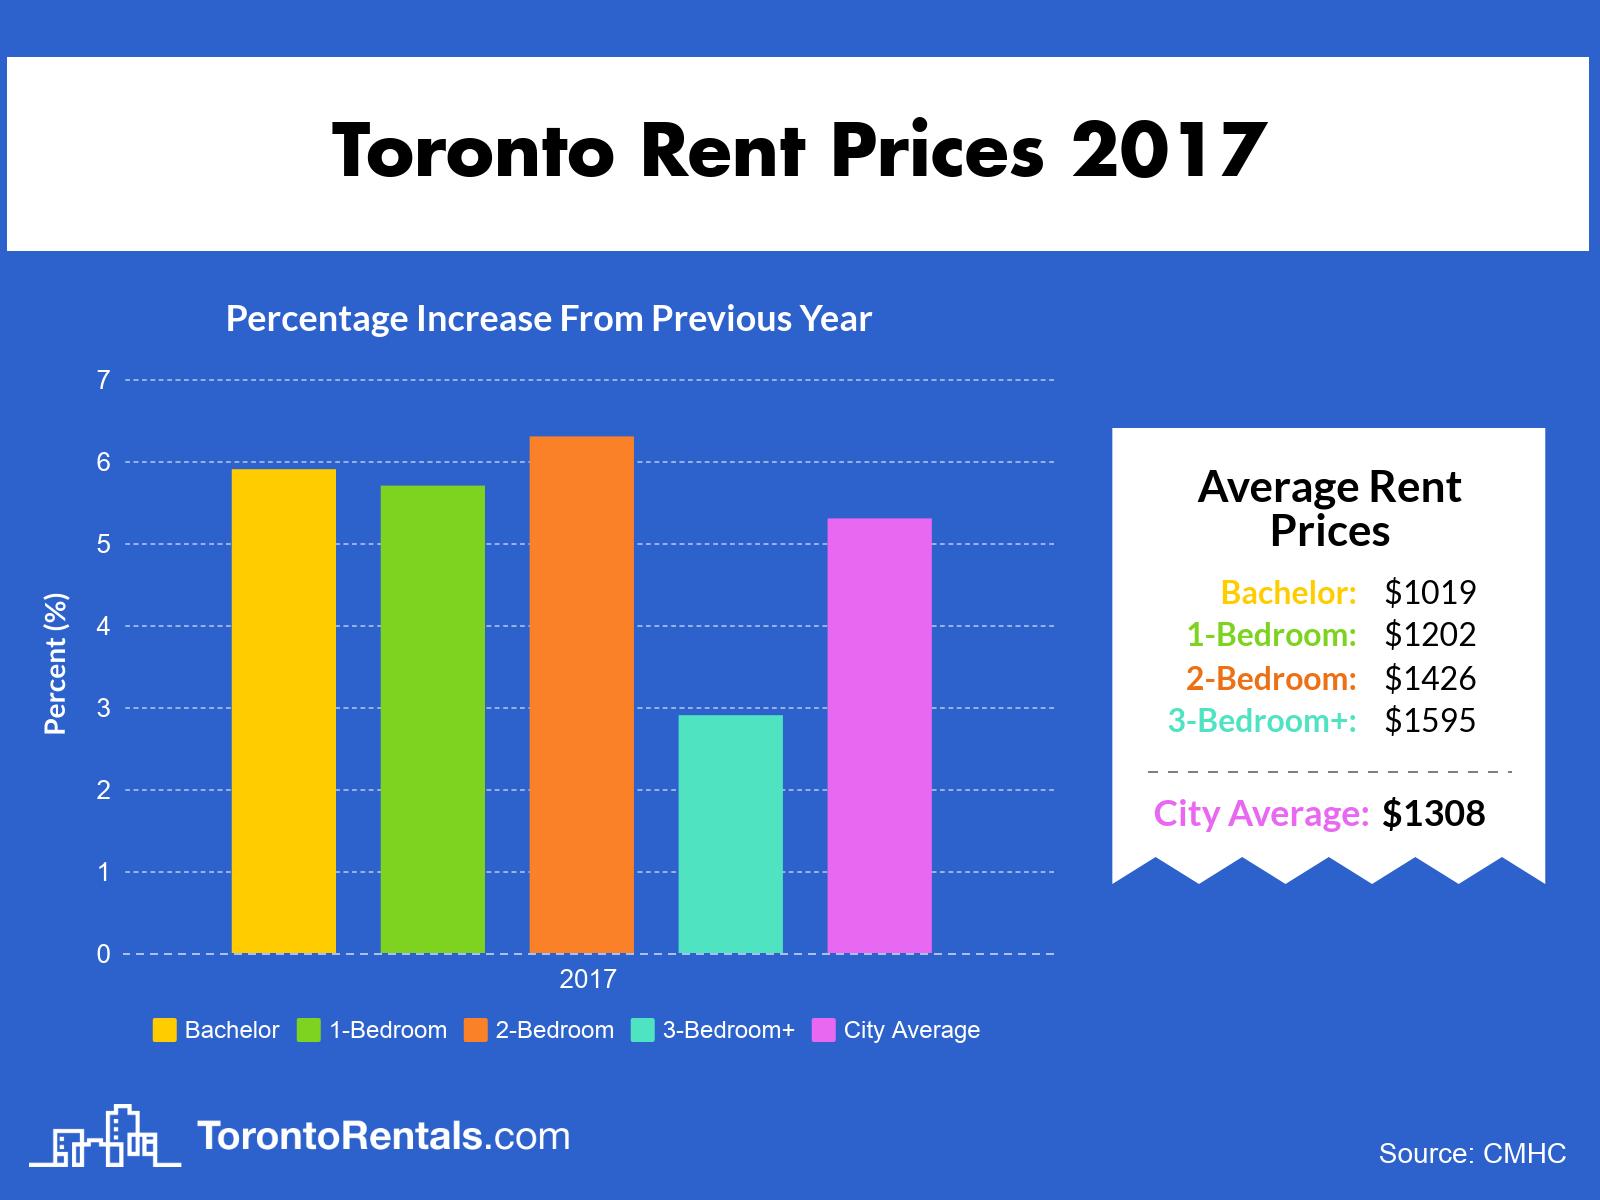 2017 Toronto Average Rent